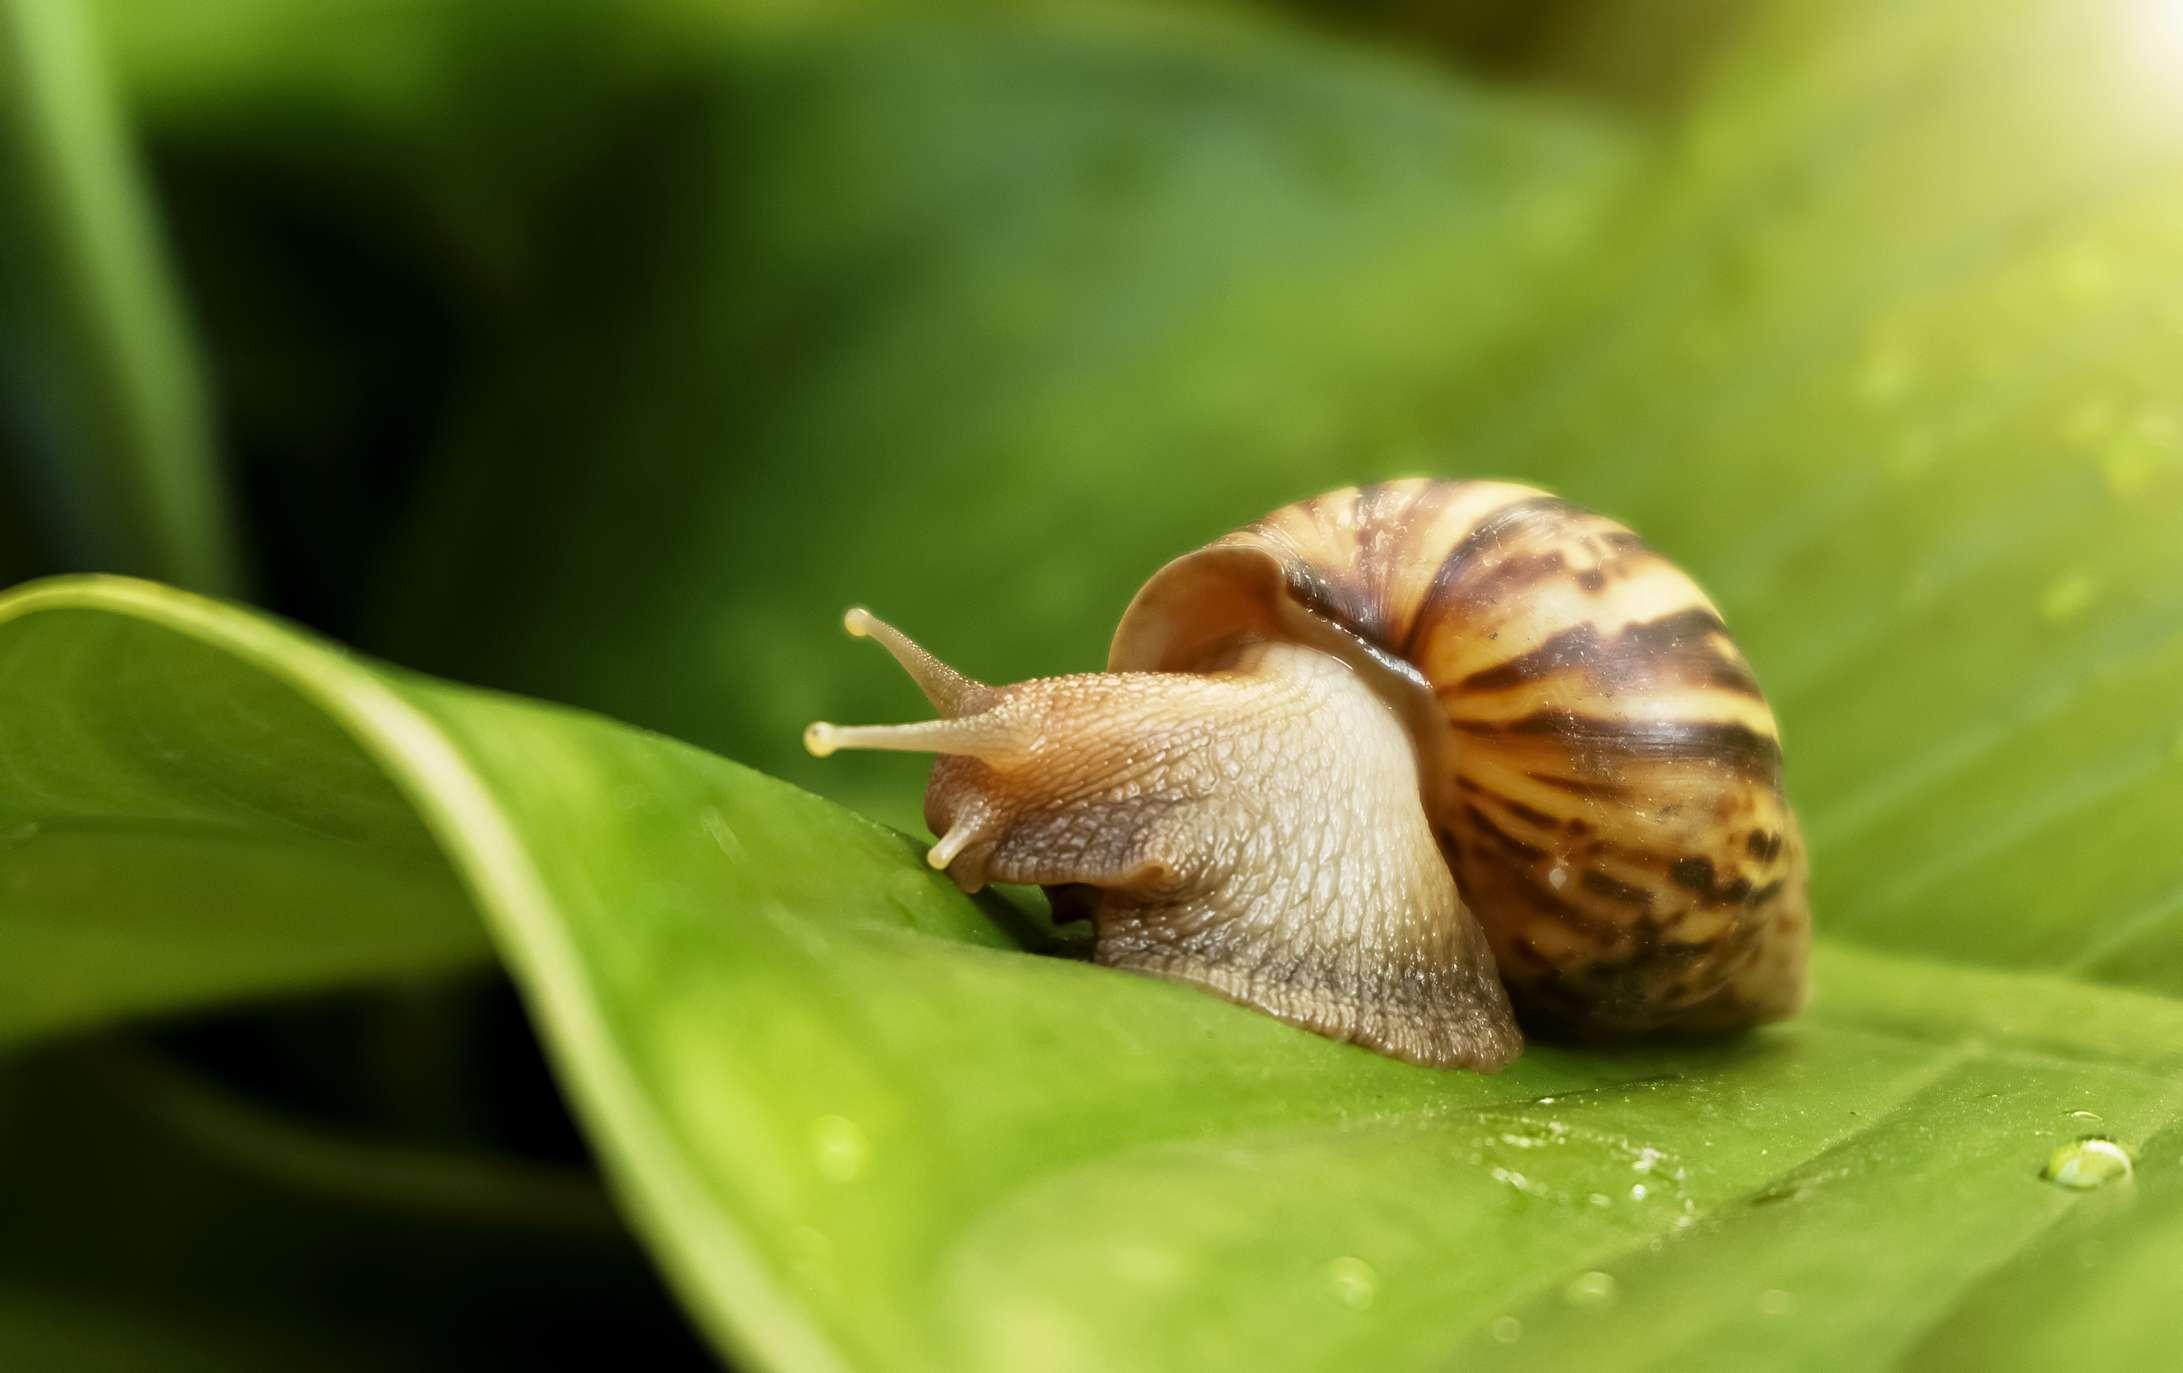 garden snail on leave